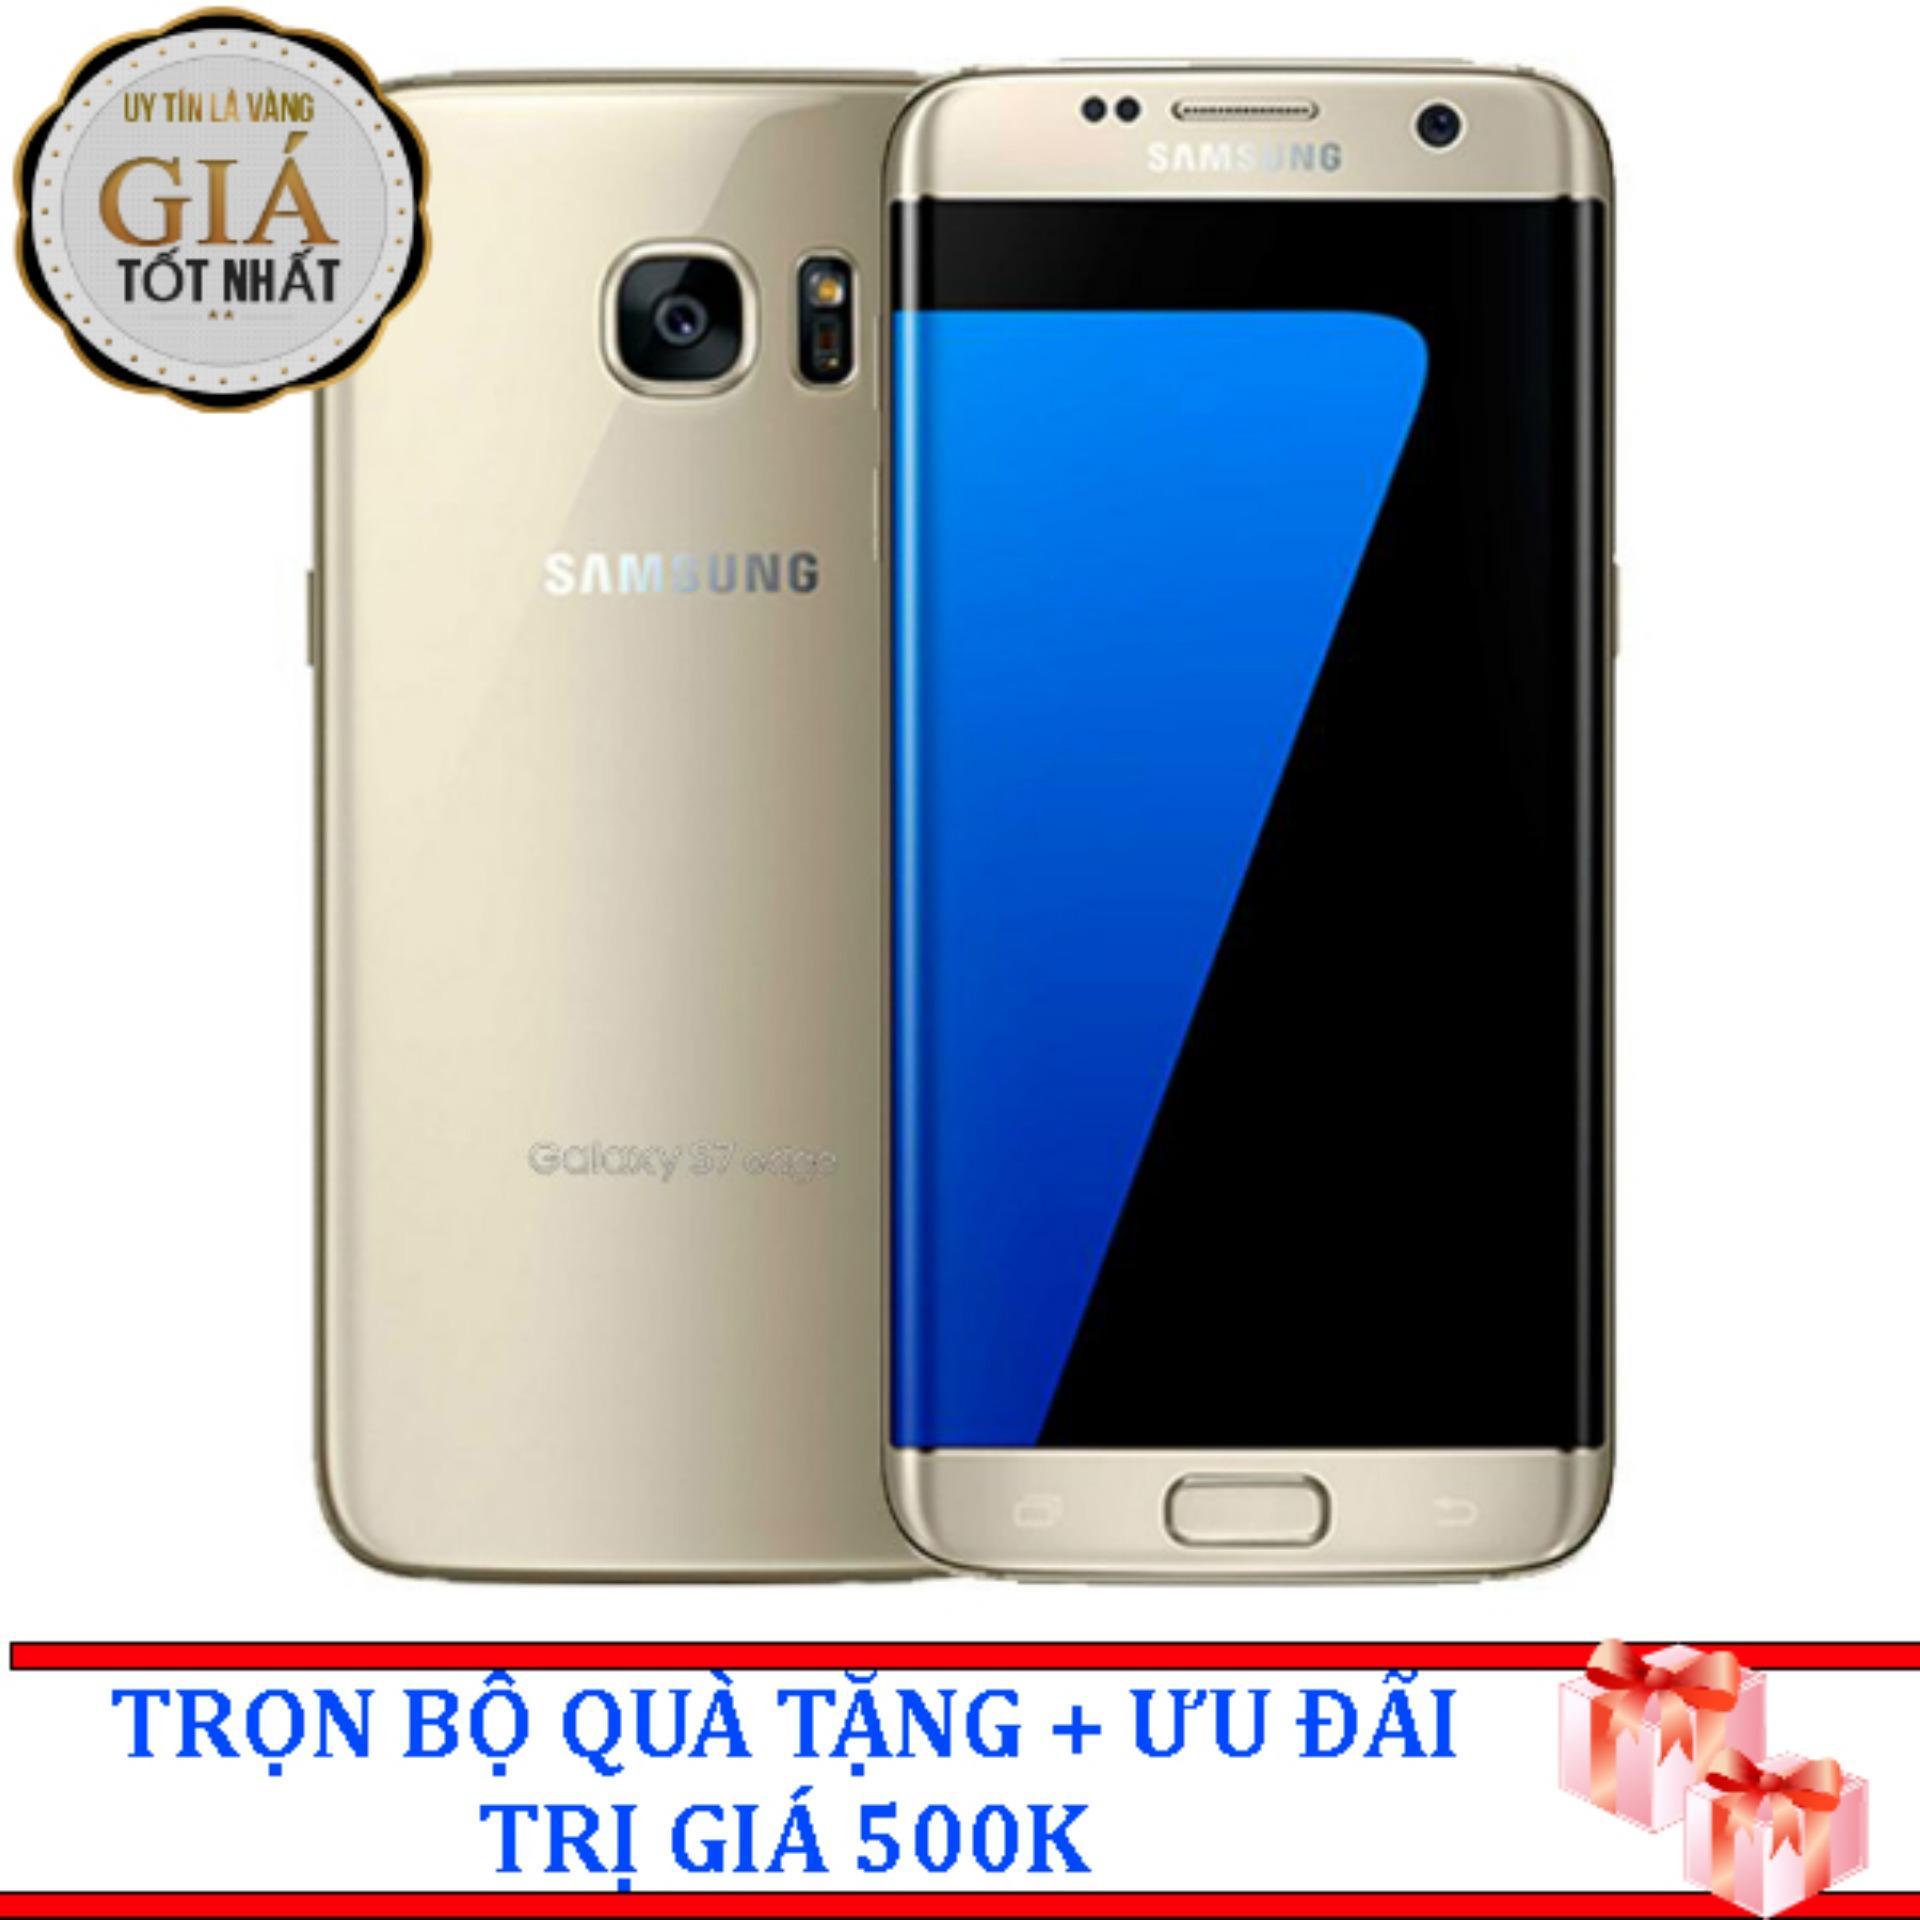 Bán Mua Samsung Galaxy S7 Edge 32Gb Vang Hang Nhập Khẩu